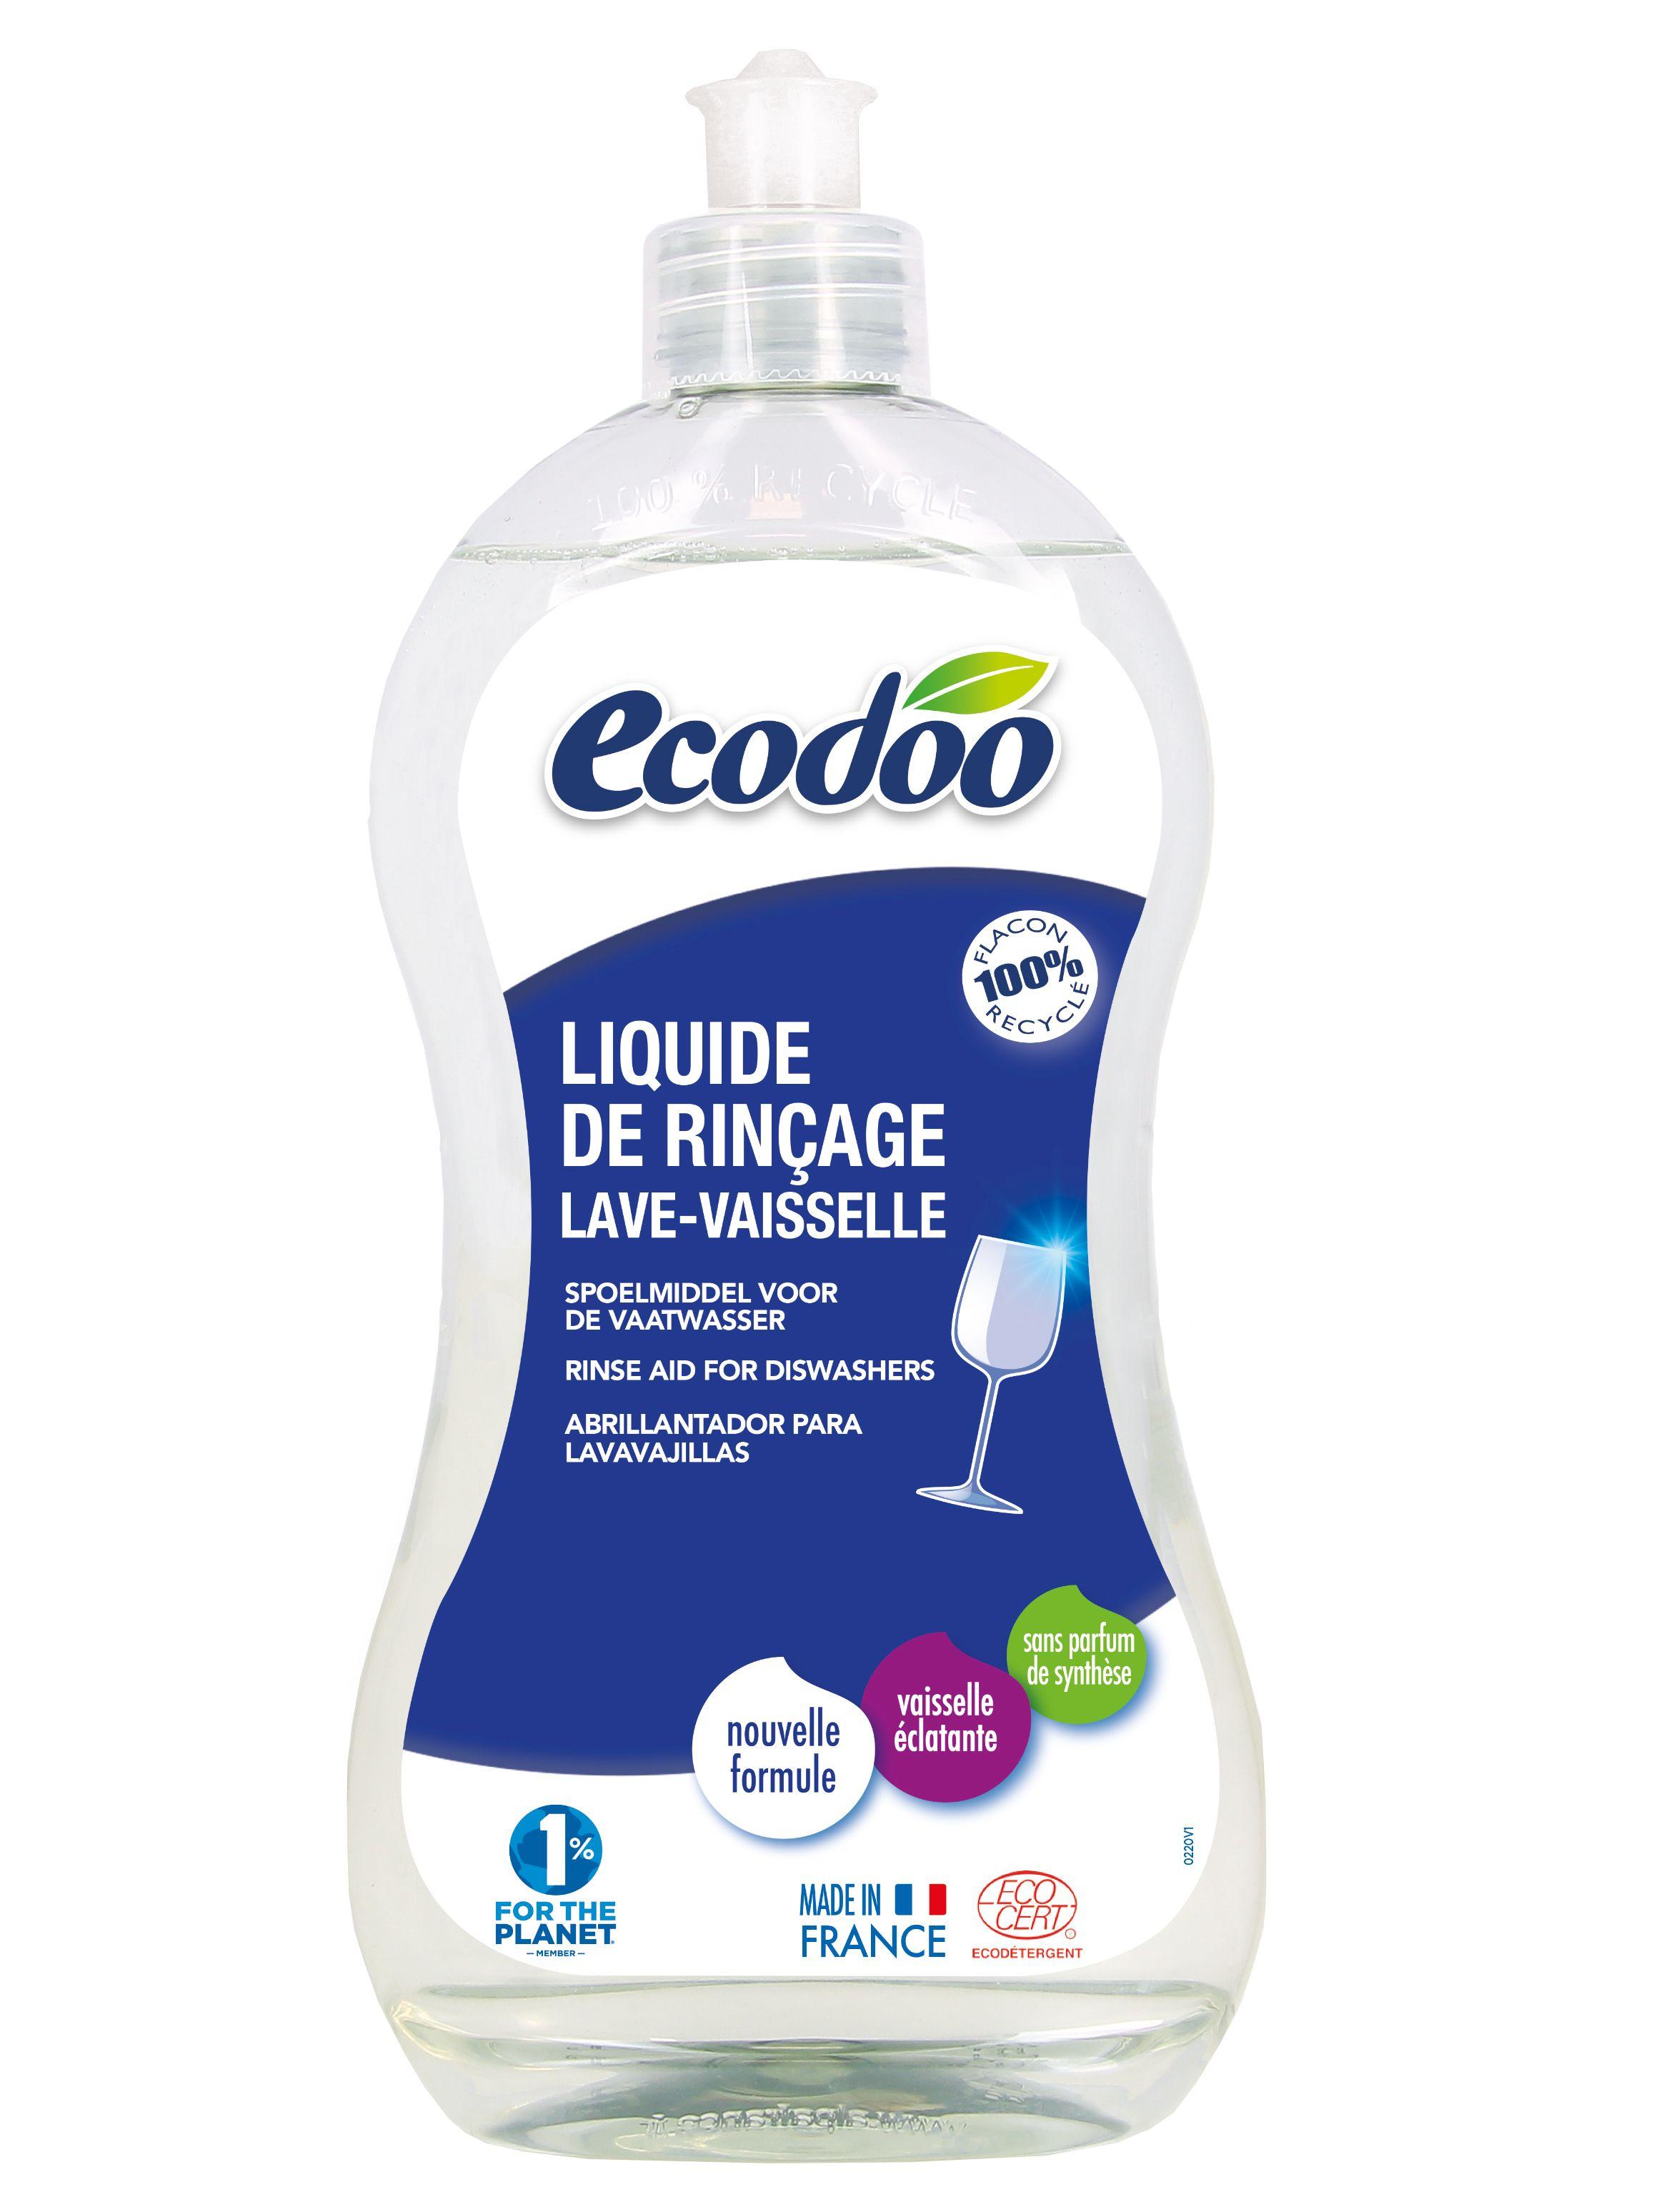 Ecodoo Органічний ополіскувач для посудомийних машин, 500мл - купить в интернет-магазине Юнимед